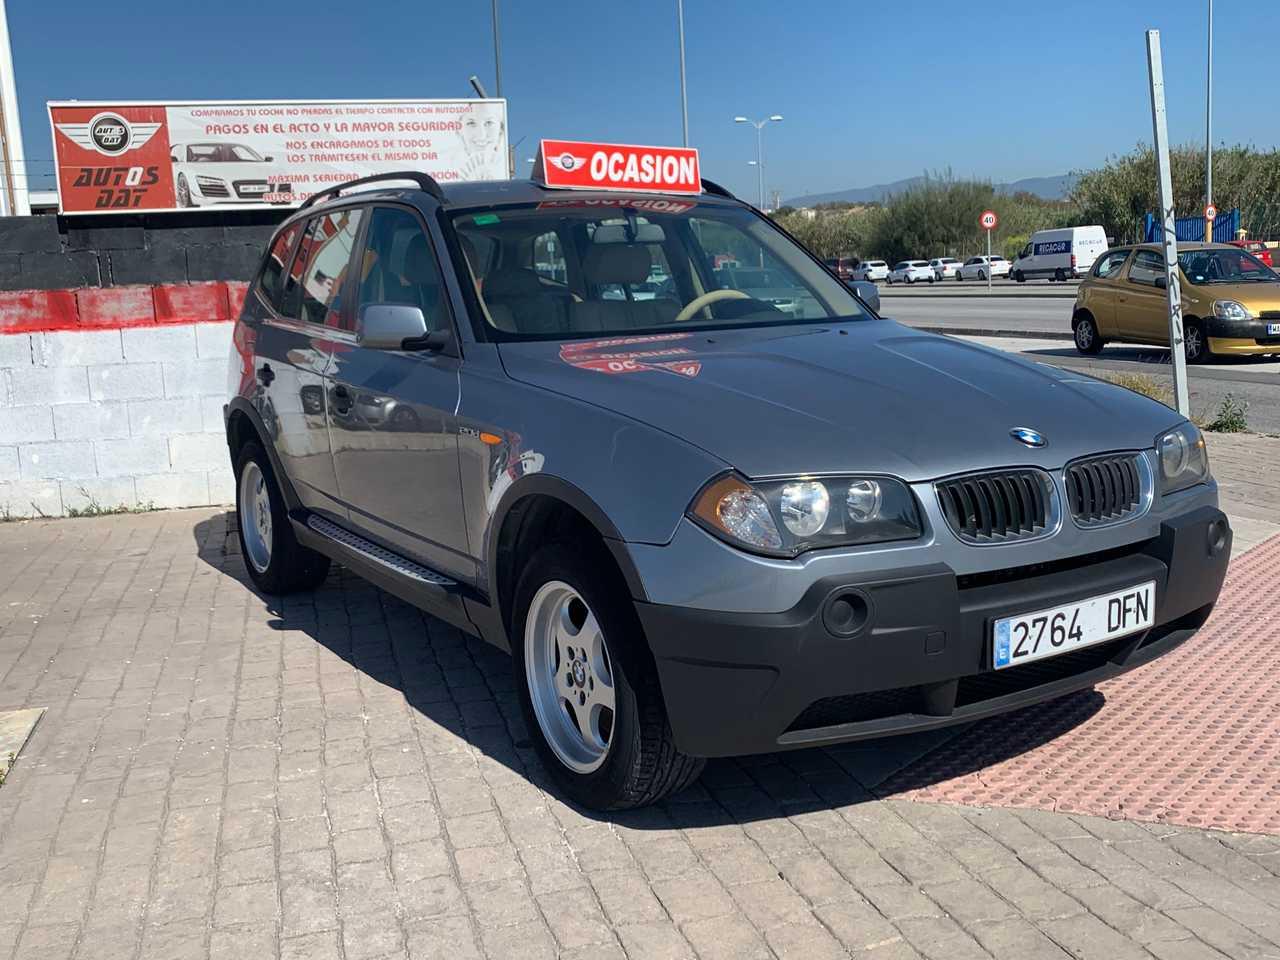 BMW X4 2.0 tdi 150cv   - Foto 1